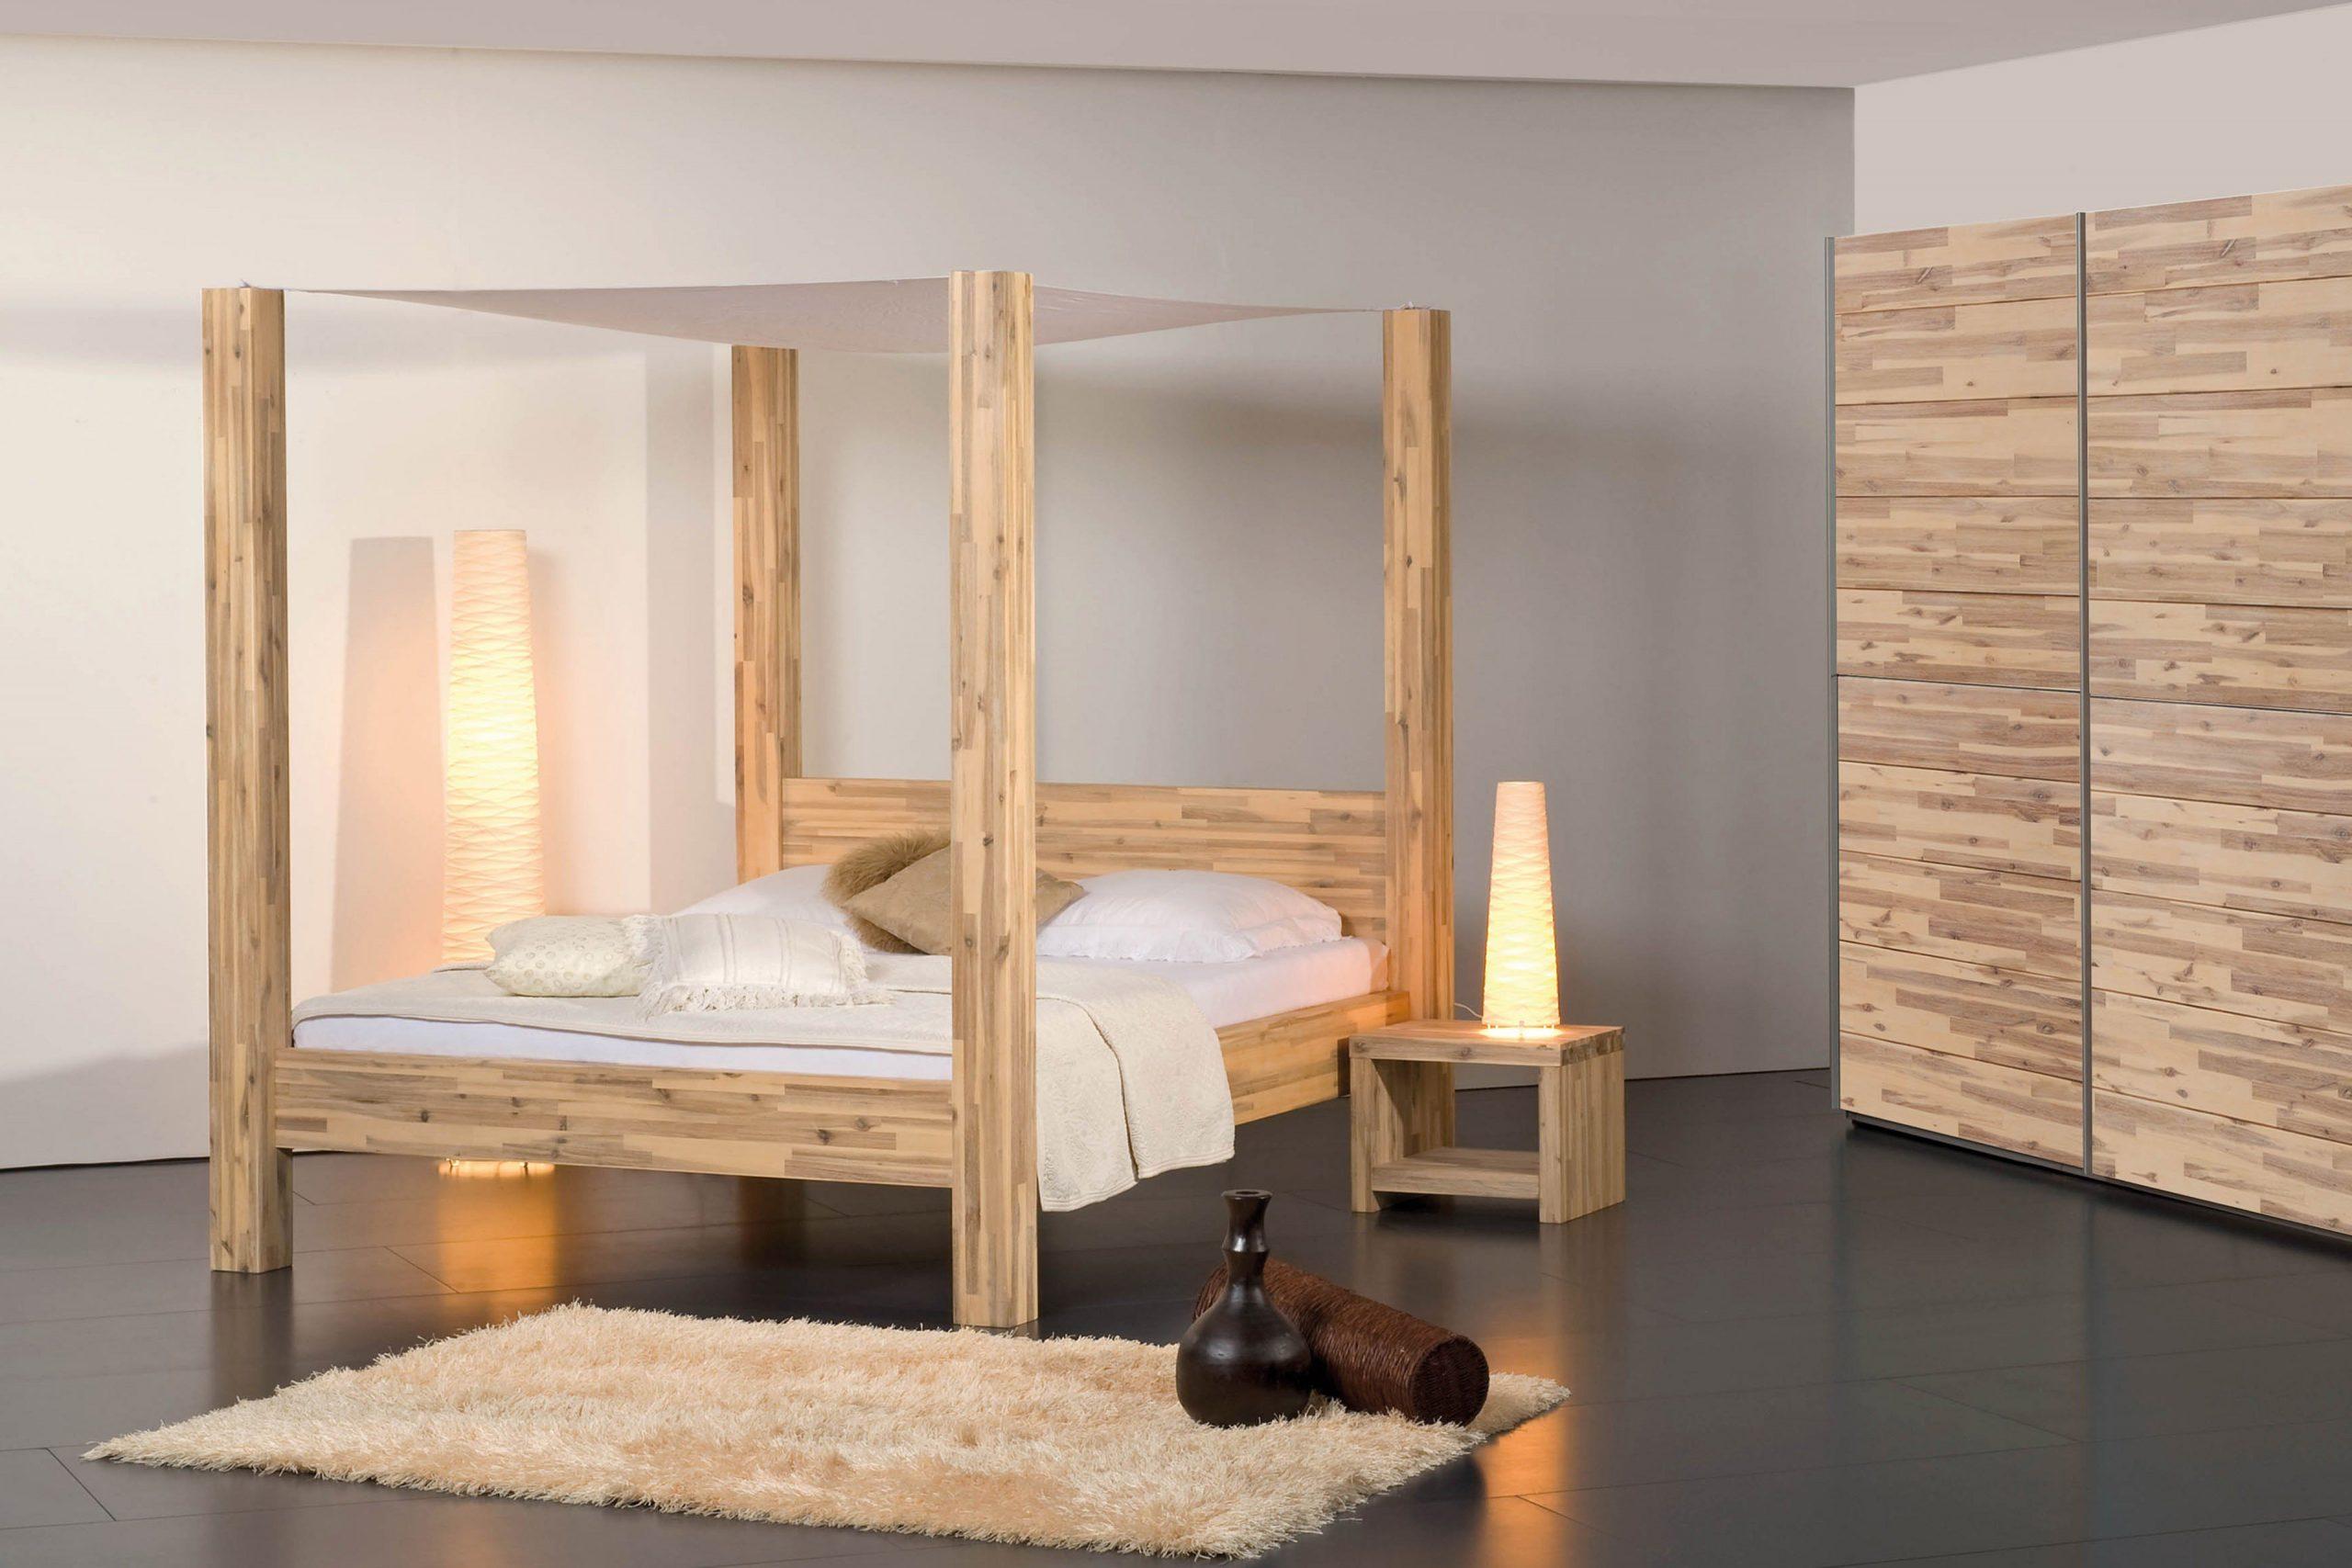 Full Size of Tojo V Bett Santa Rosa Mobileurde Graues Bad Heviz Badezimmer Renovieren Kosten Hoch Sofa Verkaufen Schlafzimmer Massivholz Französische Betten Balken Mit Bett Tojo V Bett